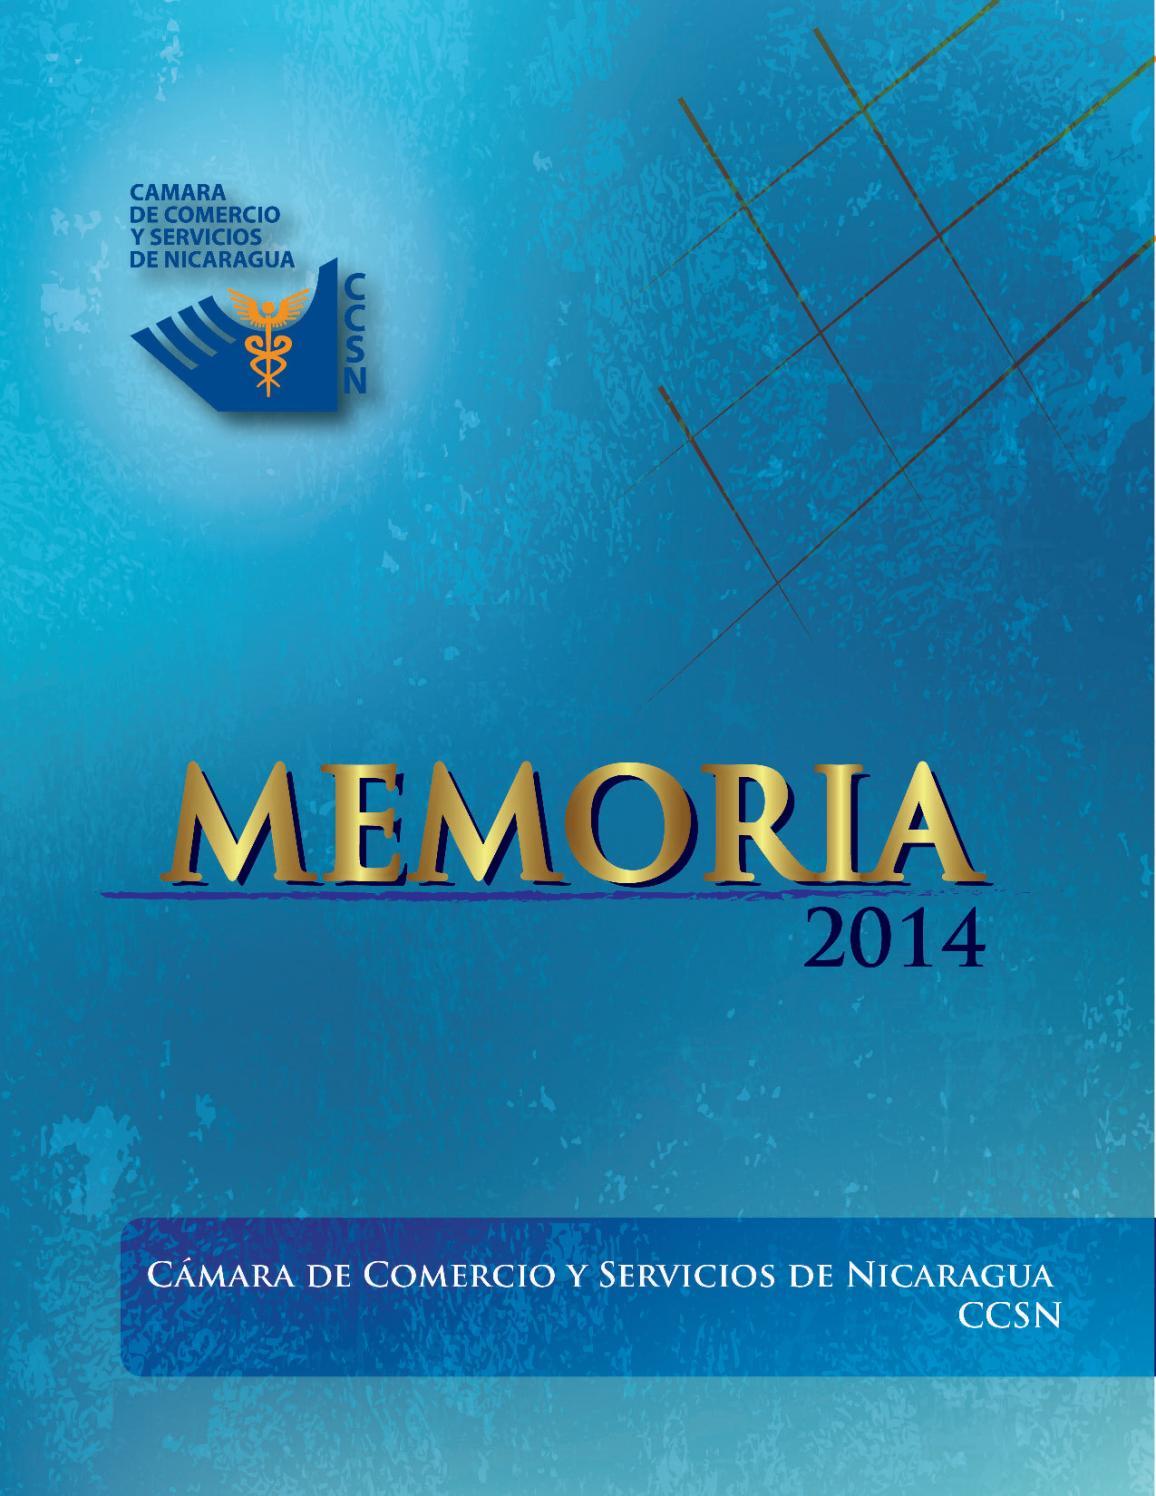 Memoria Anual 2014 By Ccsn Issuu